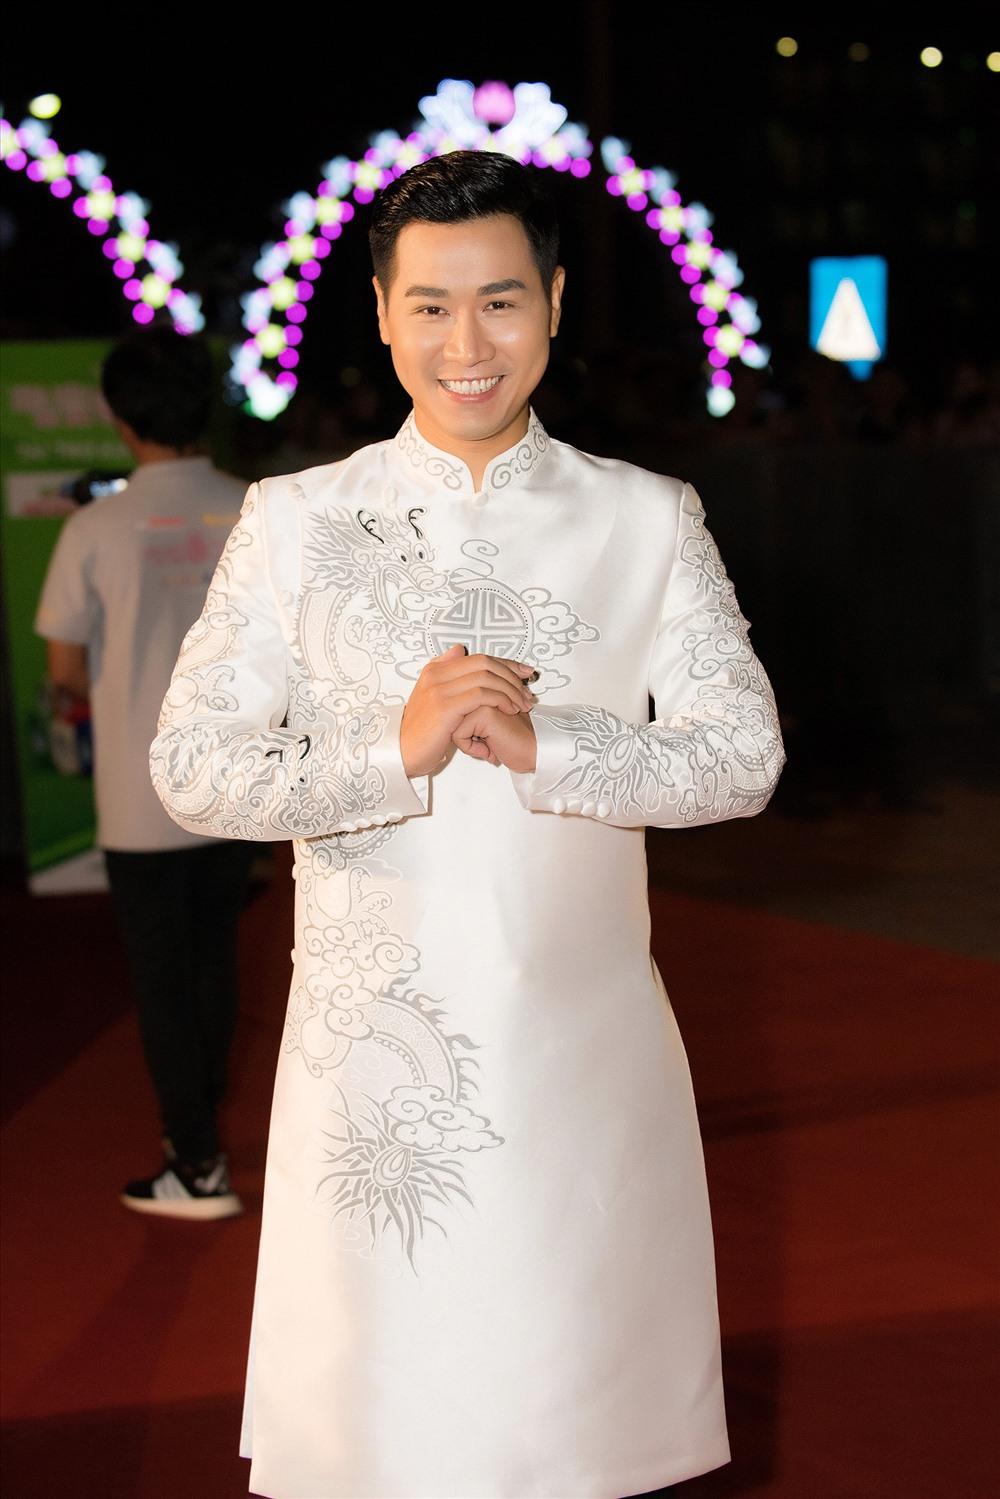 MC Nguyên Khang chia sẻ nhiều điều thú vị xoay quanh bên lề cuộc thị chung khảo phía Bắc cuộc thi Hoa hậu Việt Nam. Ảnh: BTC.